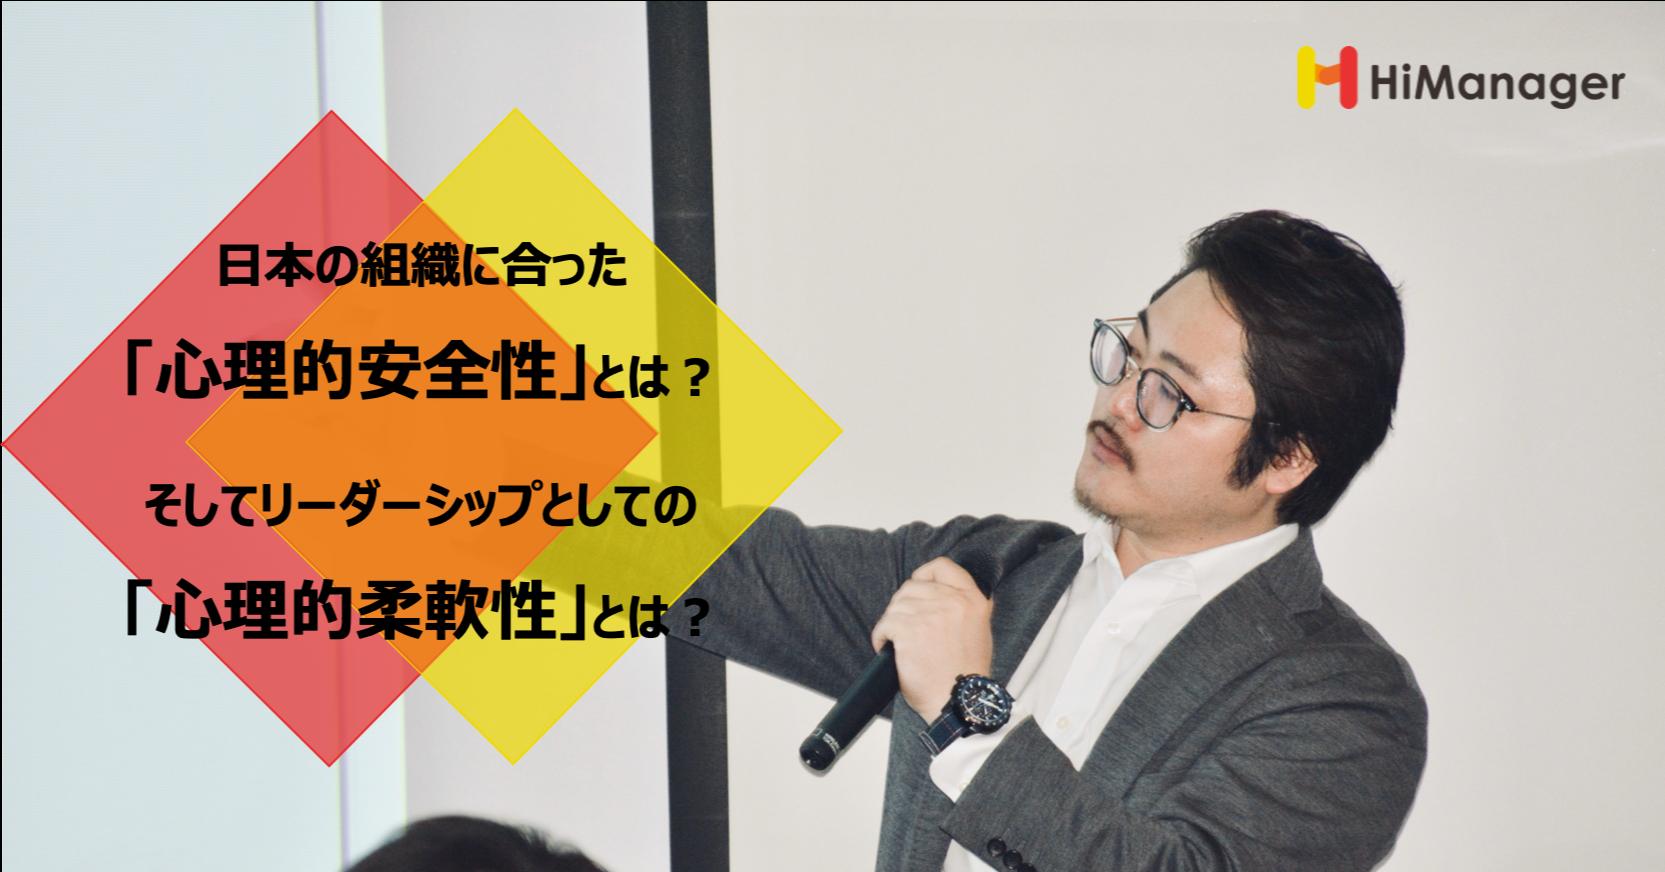 日本の組織に合った「心理的安全性」とは?そしてリーダーシップとしての「心理的柔軟性」とは? ハイマネージャー / HiManager note